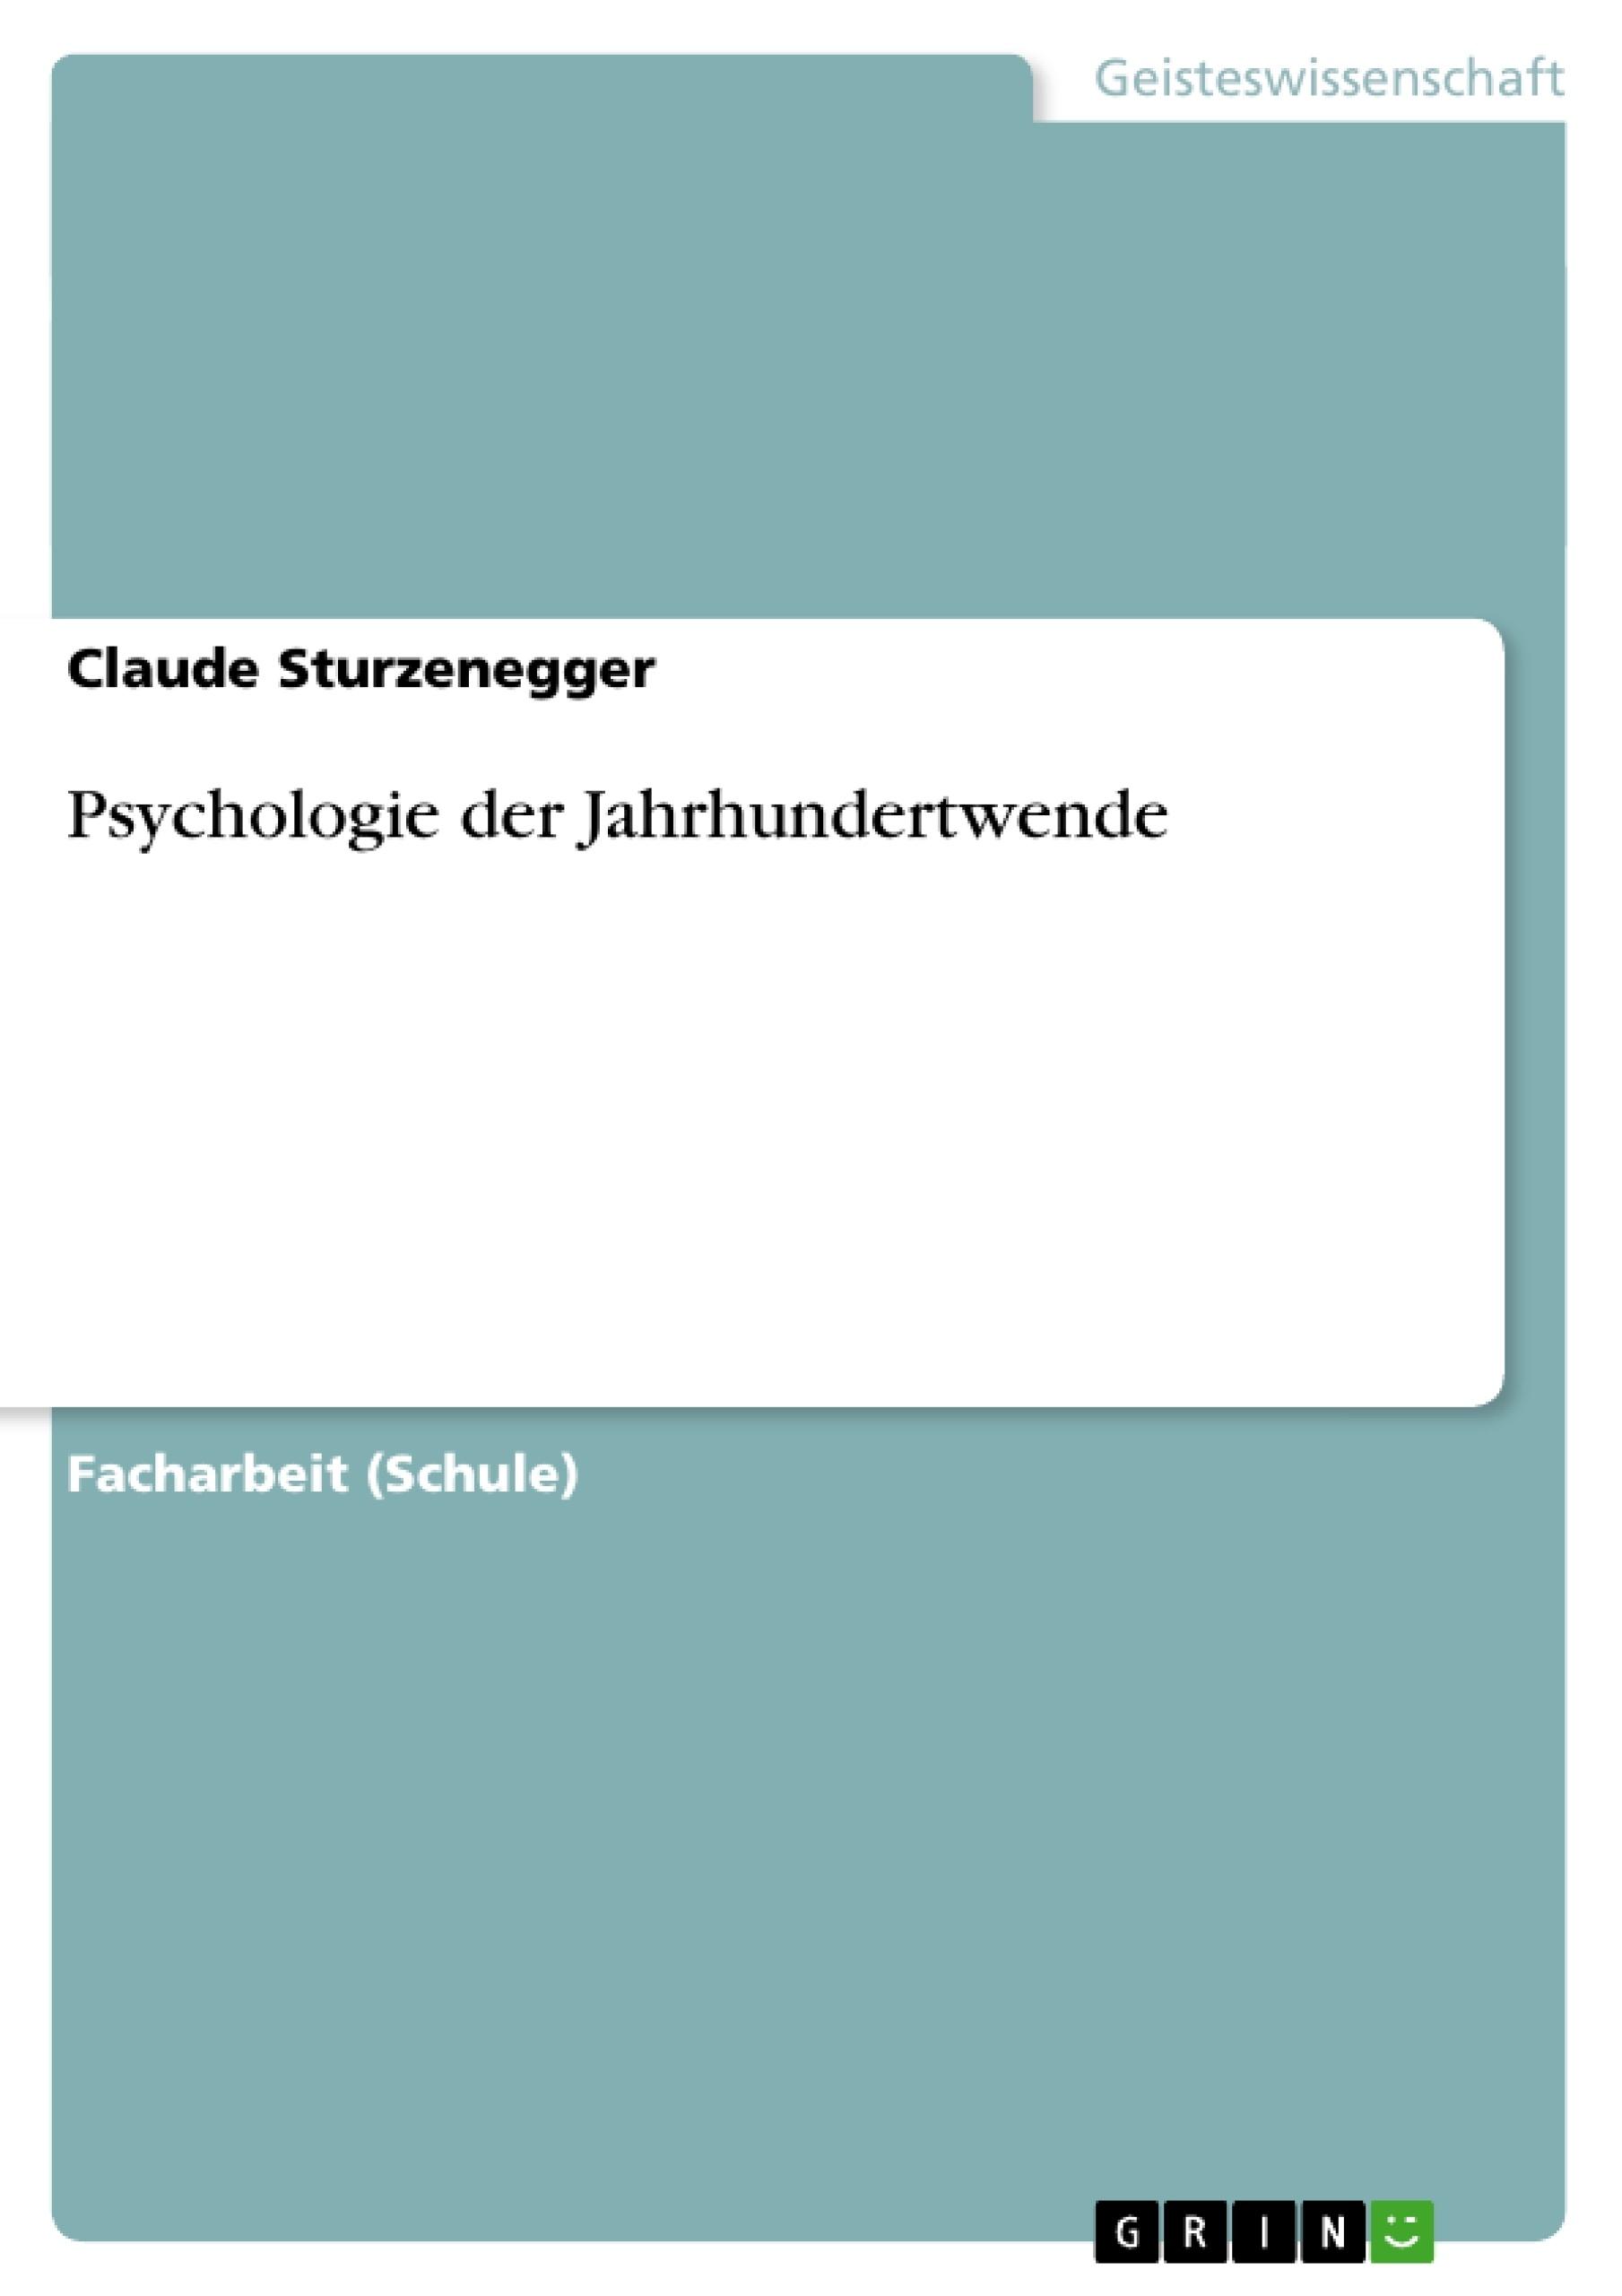 Titel: Psychologie der Jahrhundertwende